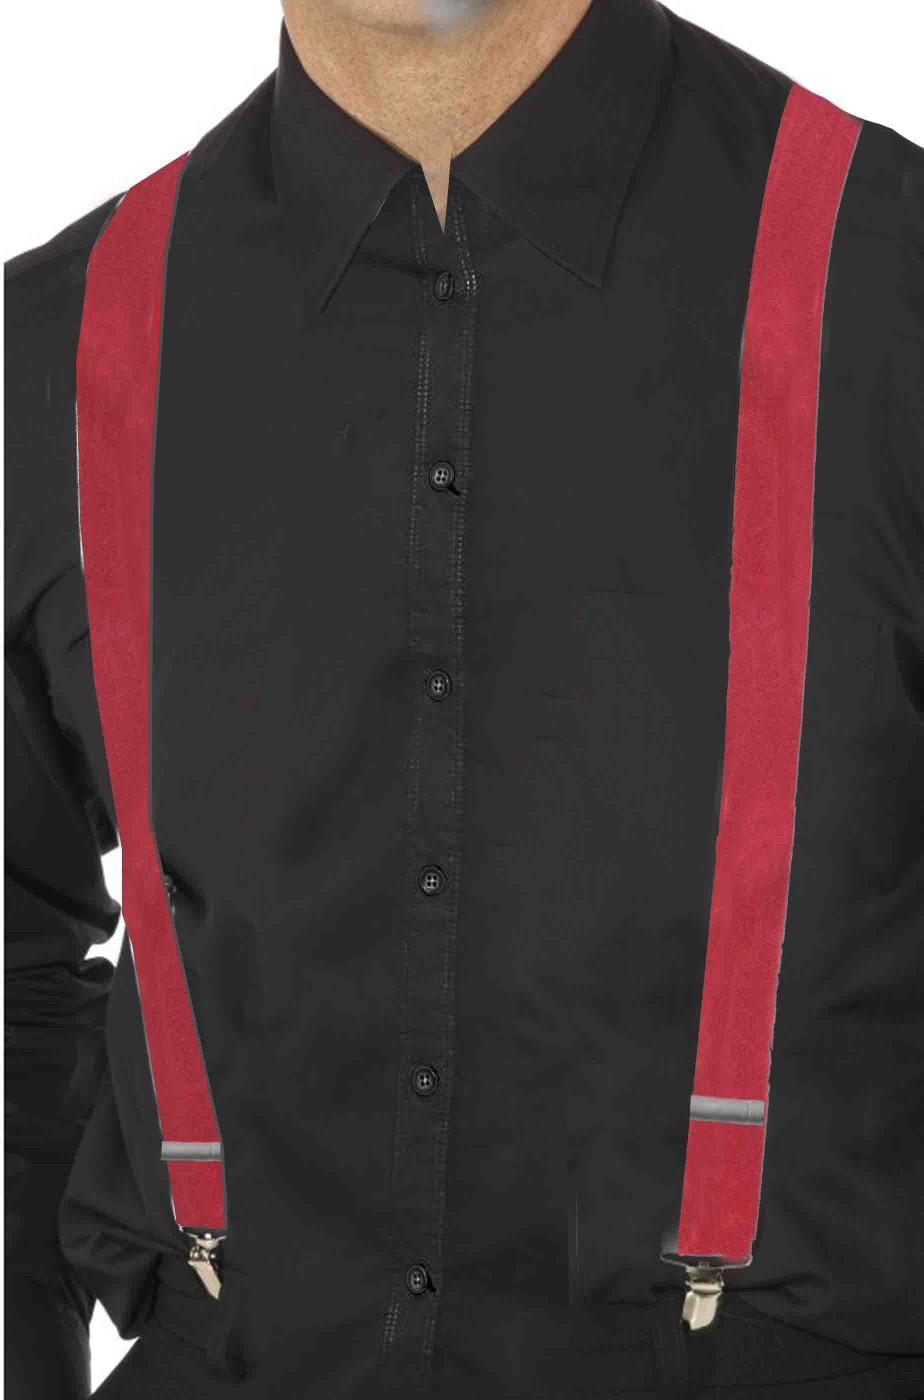 Bretelle rosse regolabili per reggere i pantaloni